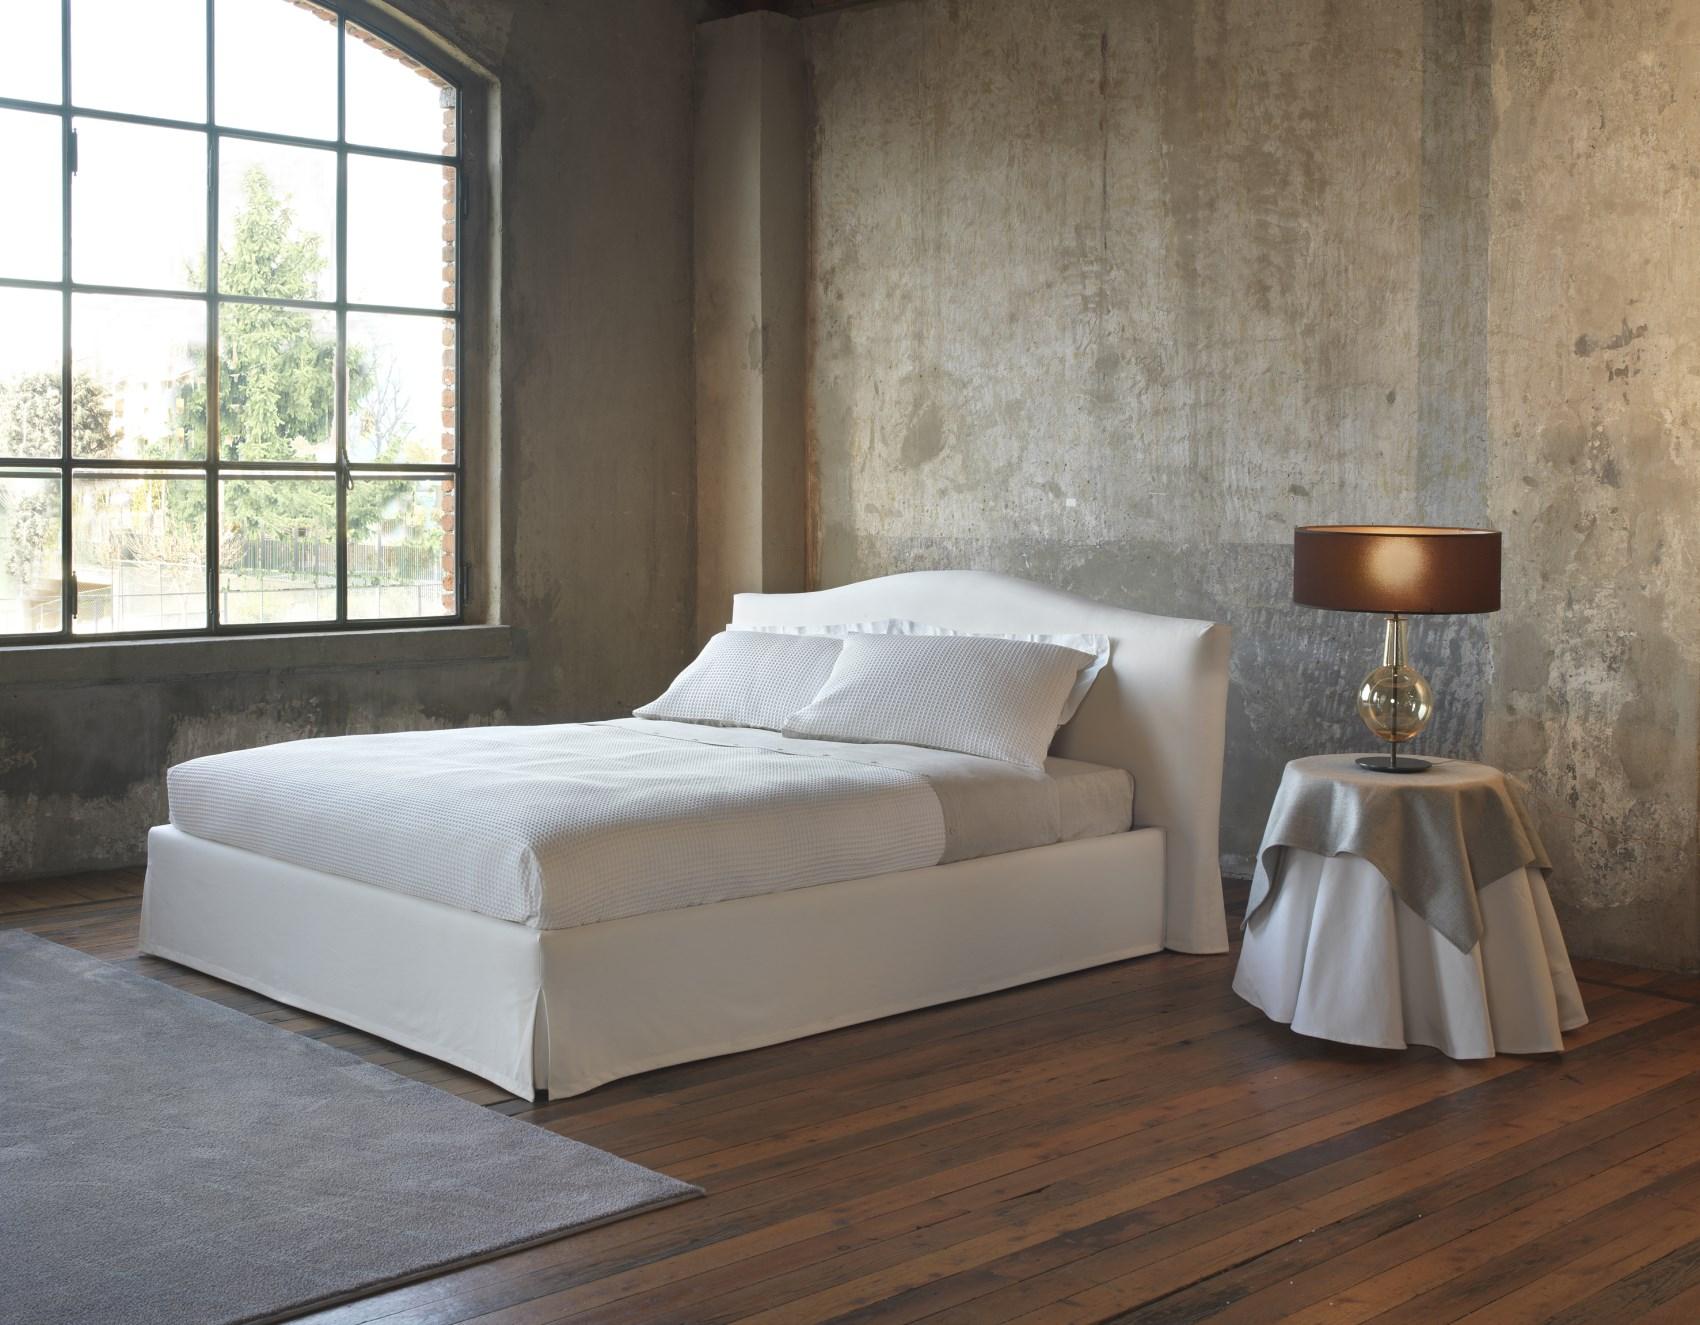 Letti Contenitore Design : Letto albenga imbottito letti letti design letti moderni letti